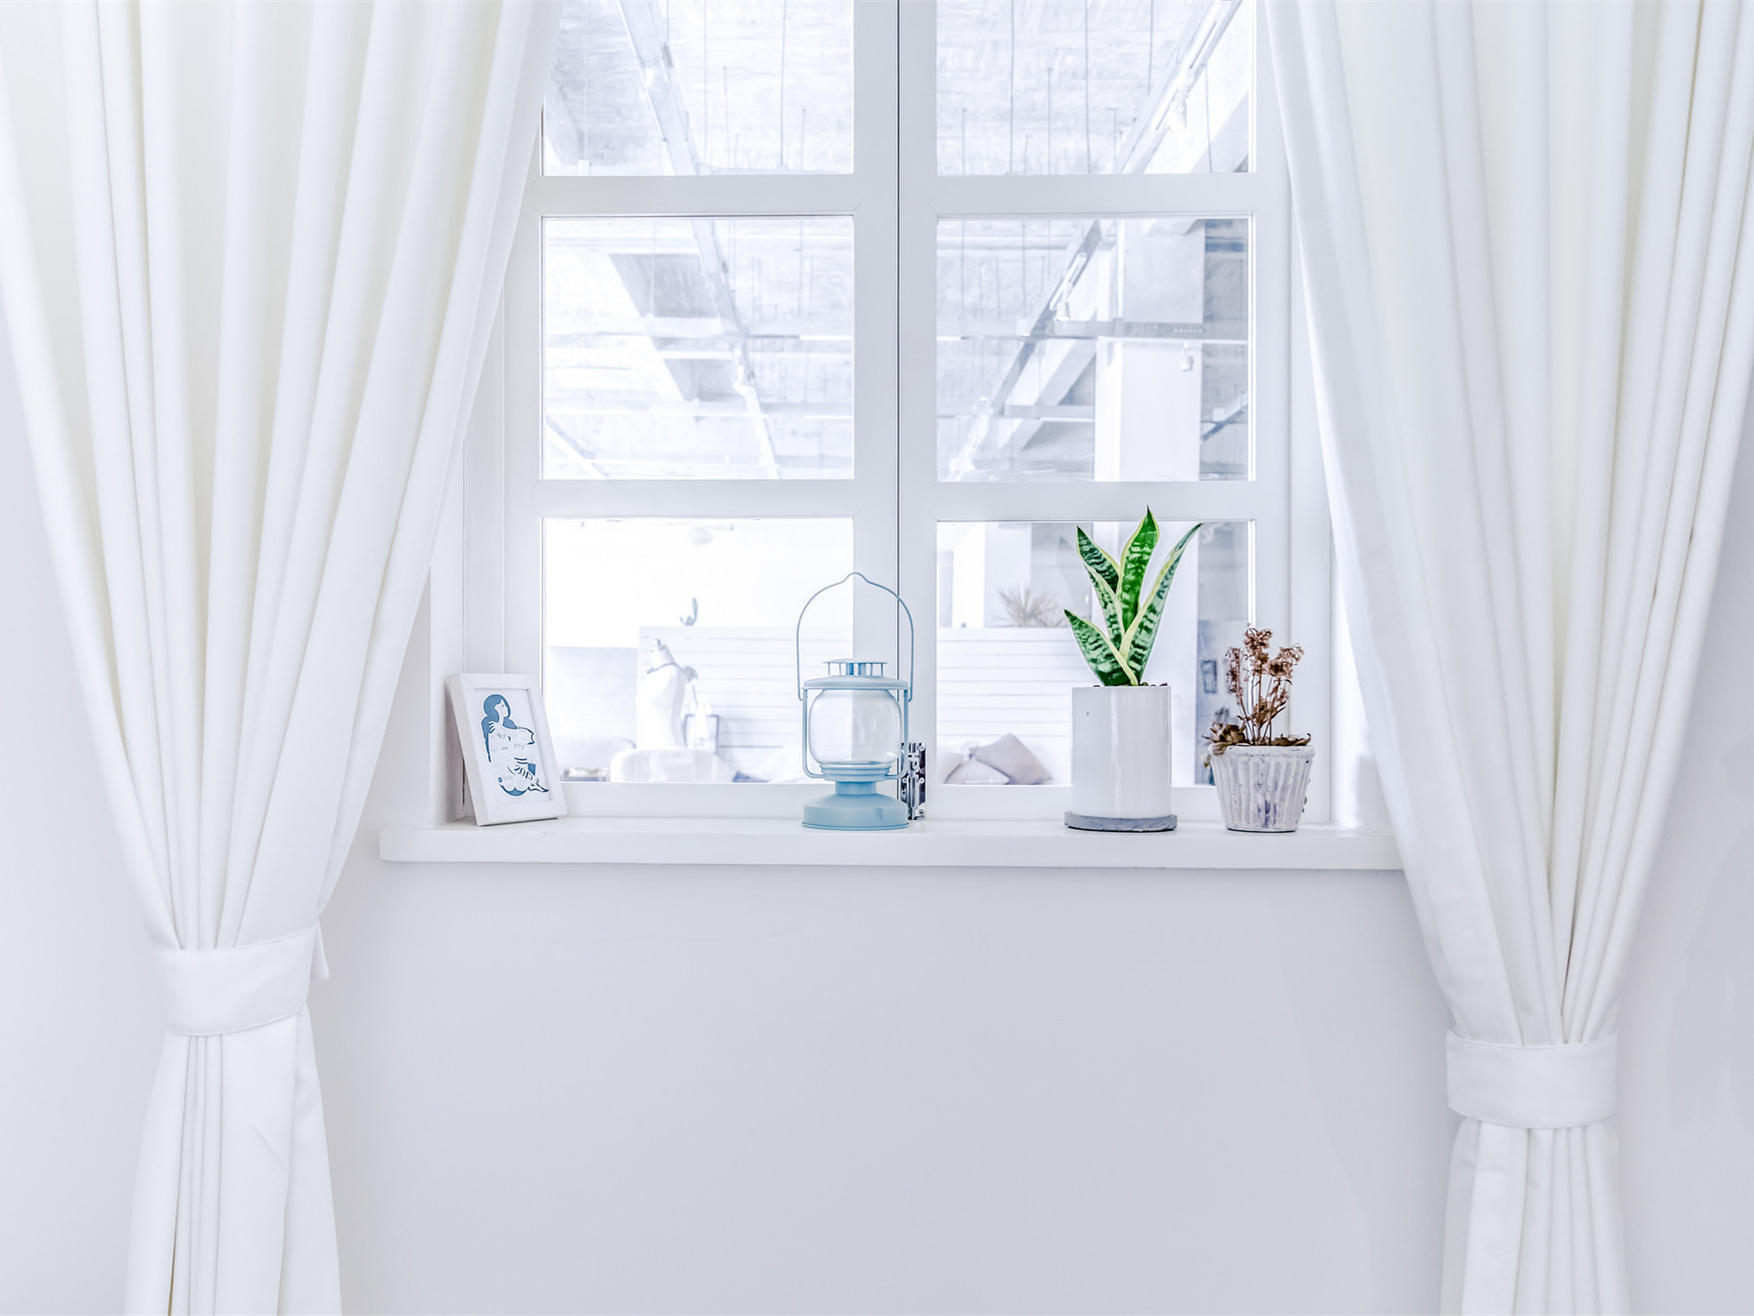 一般窗户尺寸是多少,影响窗户尺寸的因素有哪些?